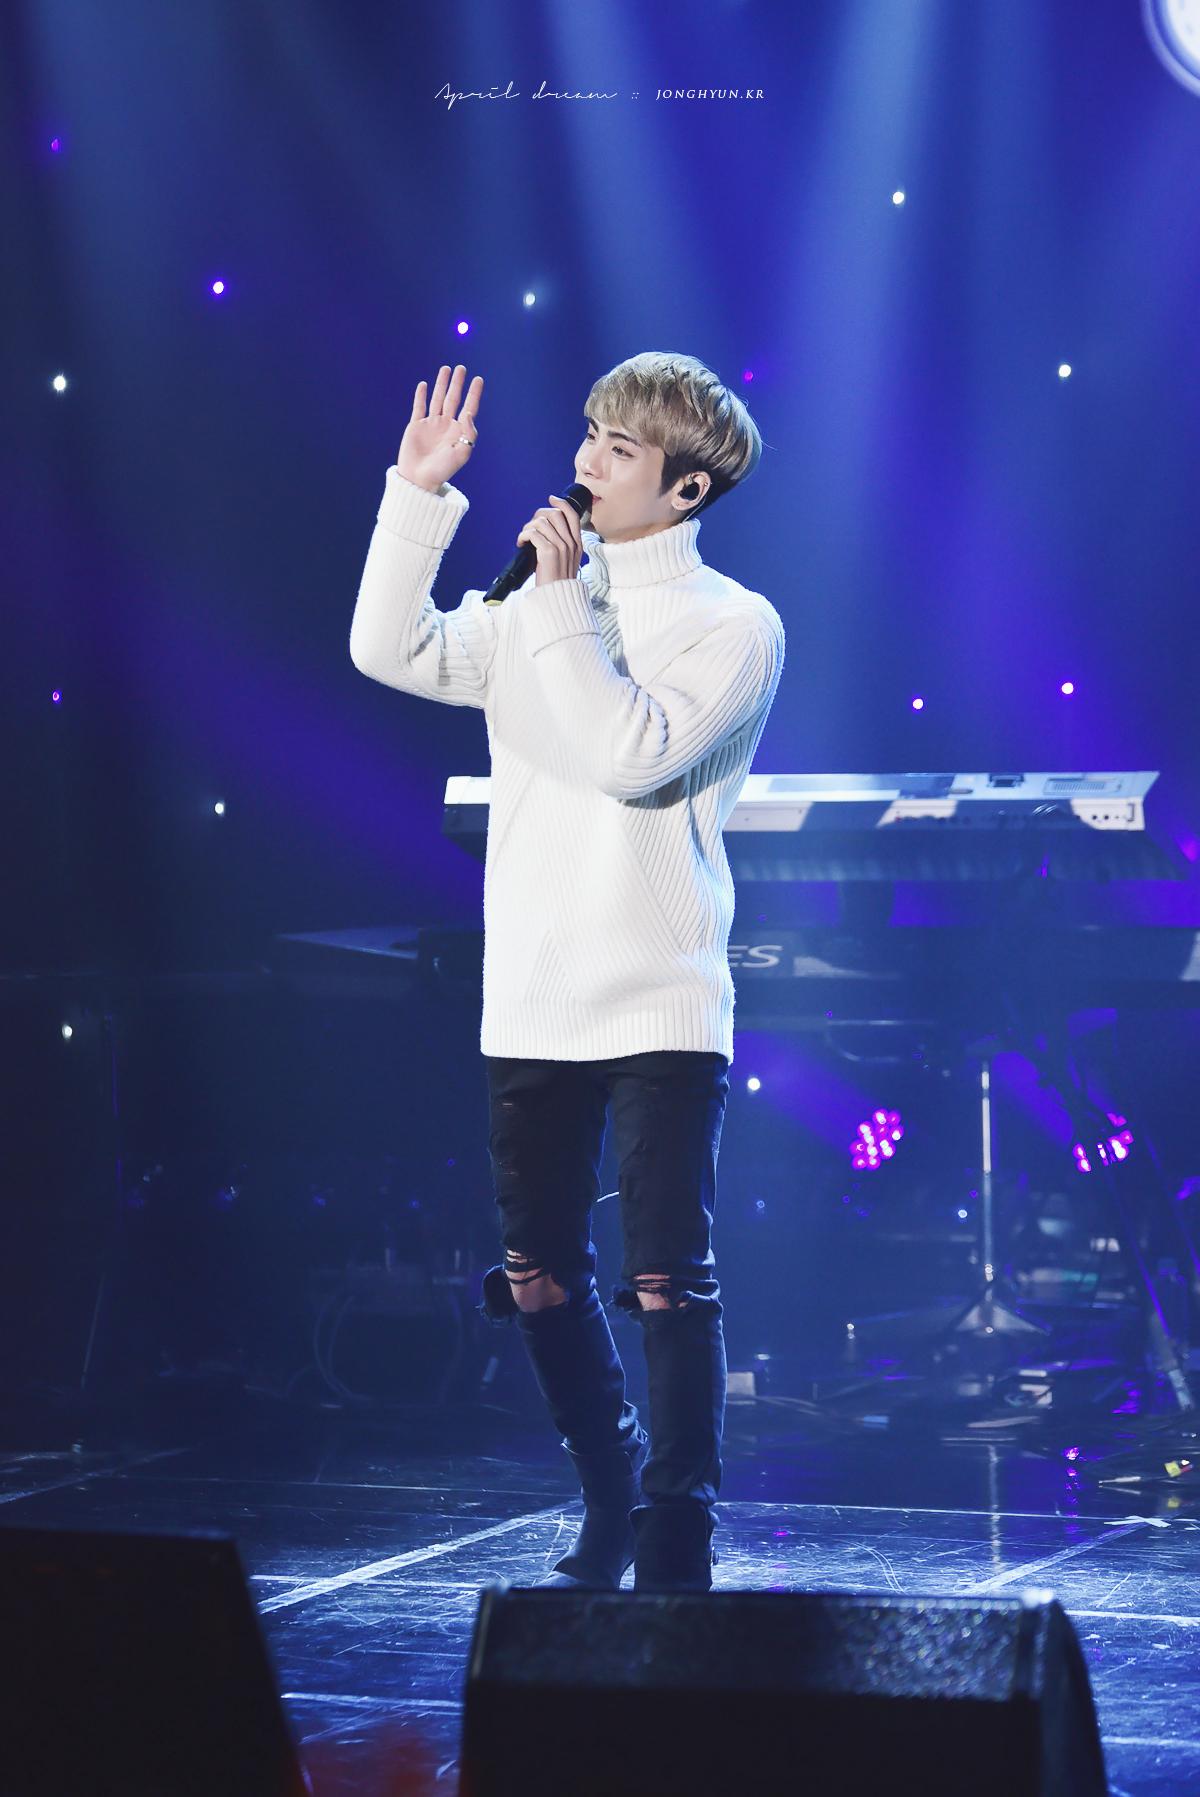 151208 Jonghyun @ MBC Harmony Live Concert 23315119970_dd8813ac0a_o